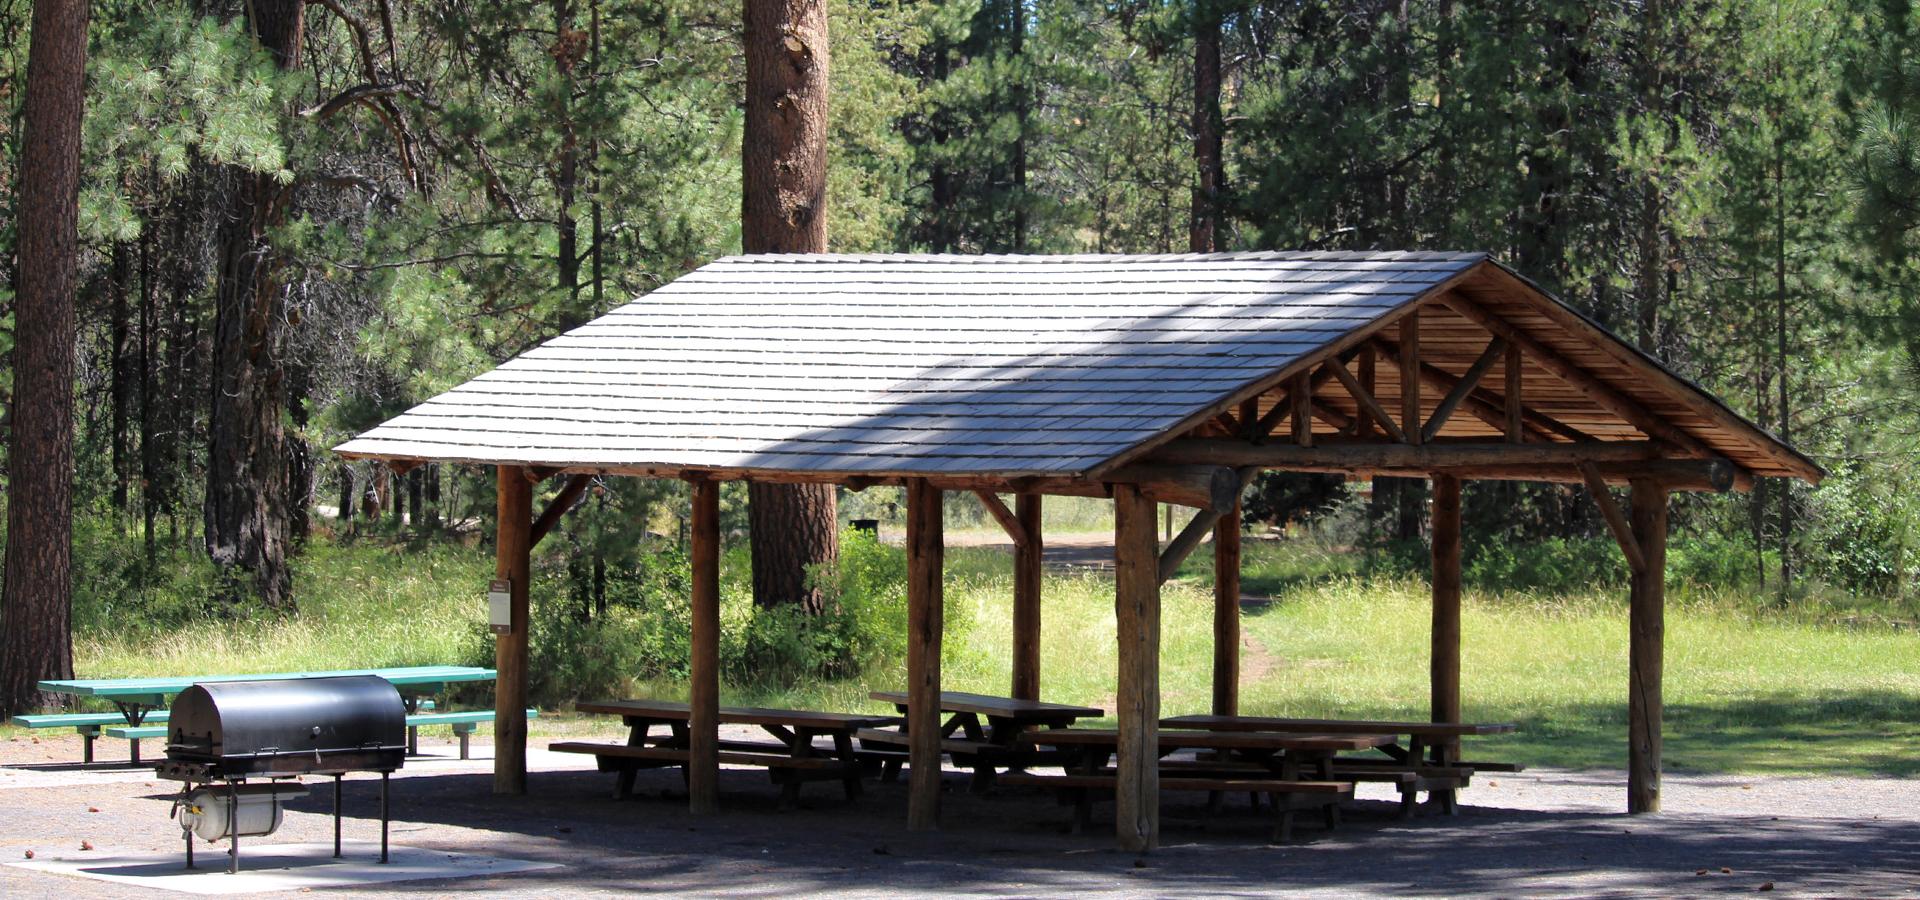 Shevlin-Park-Shelter-in-Bend